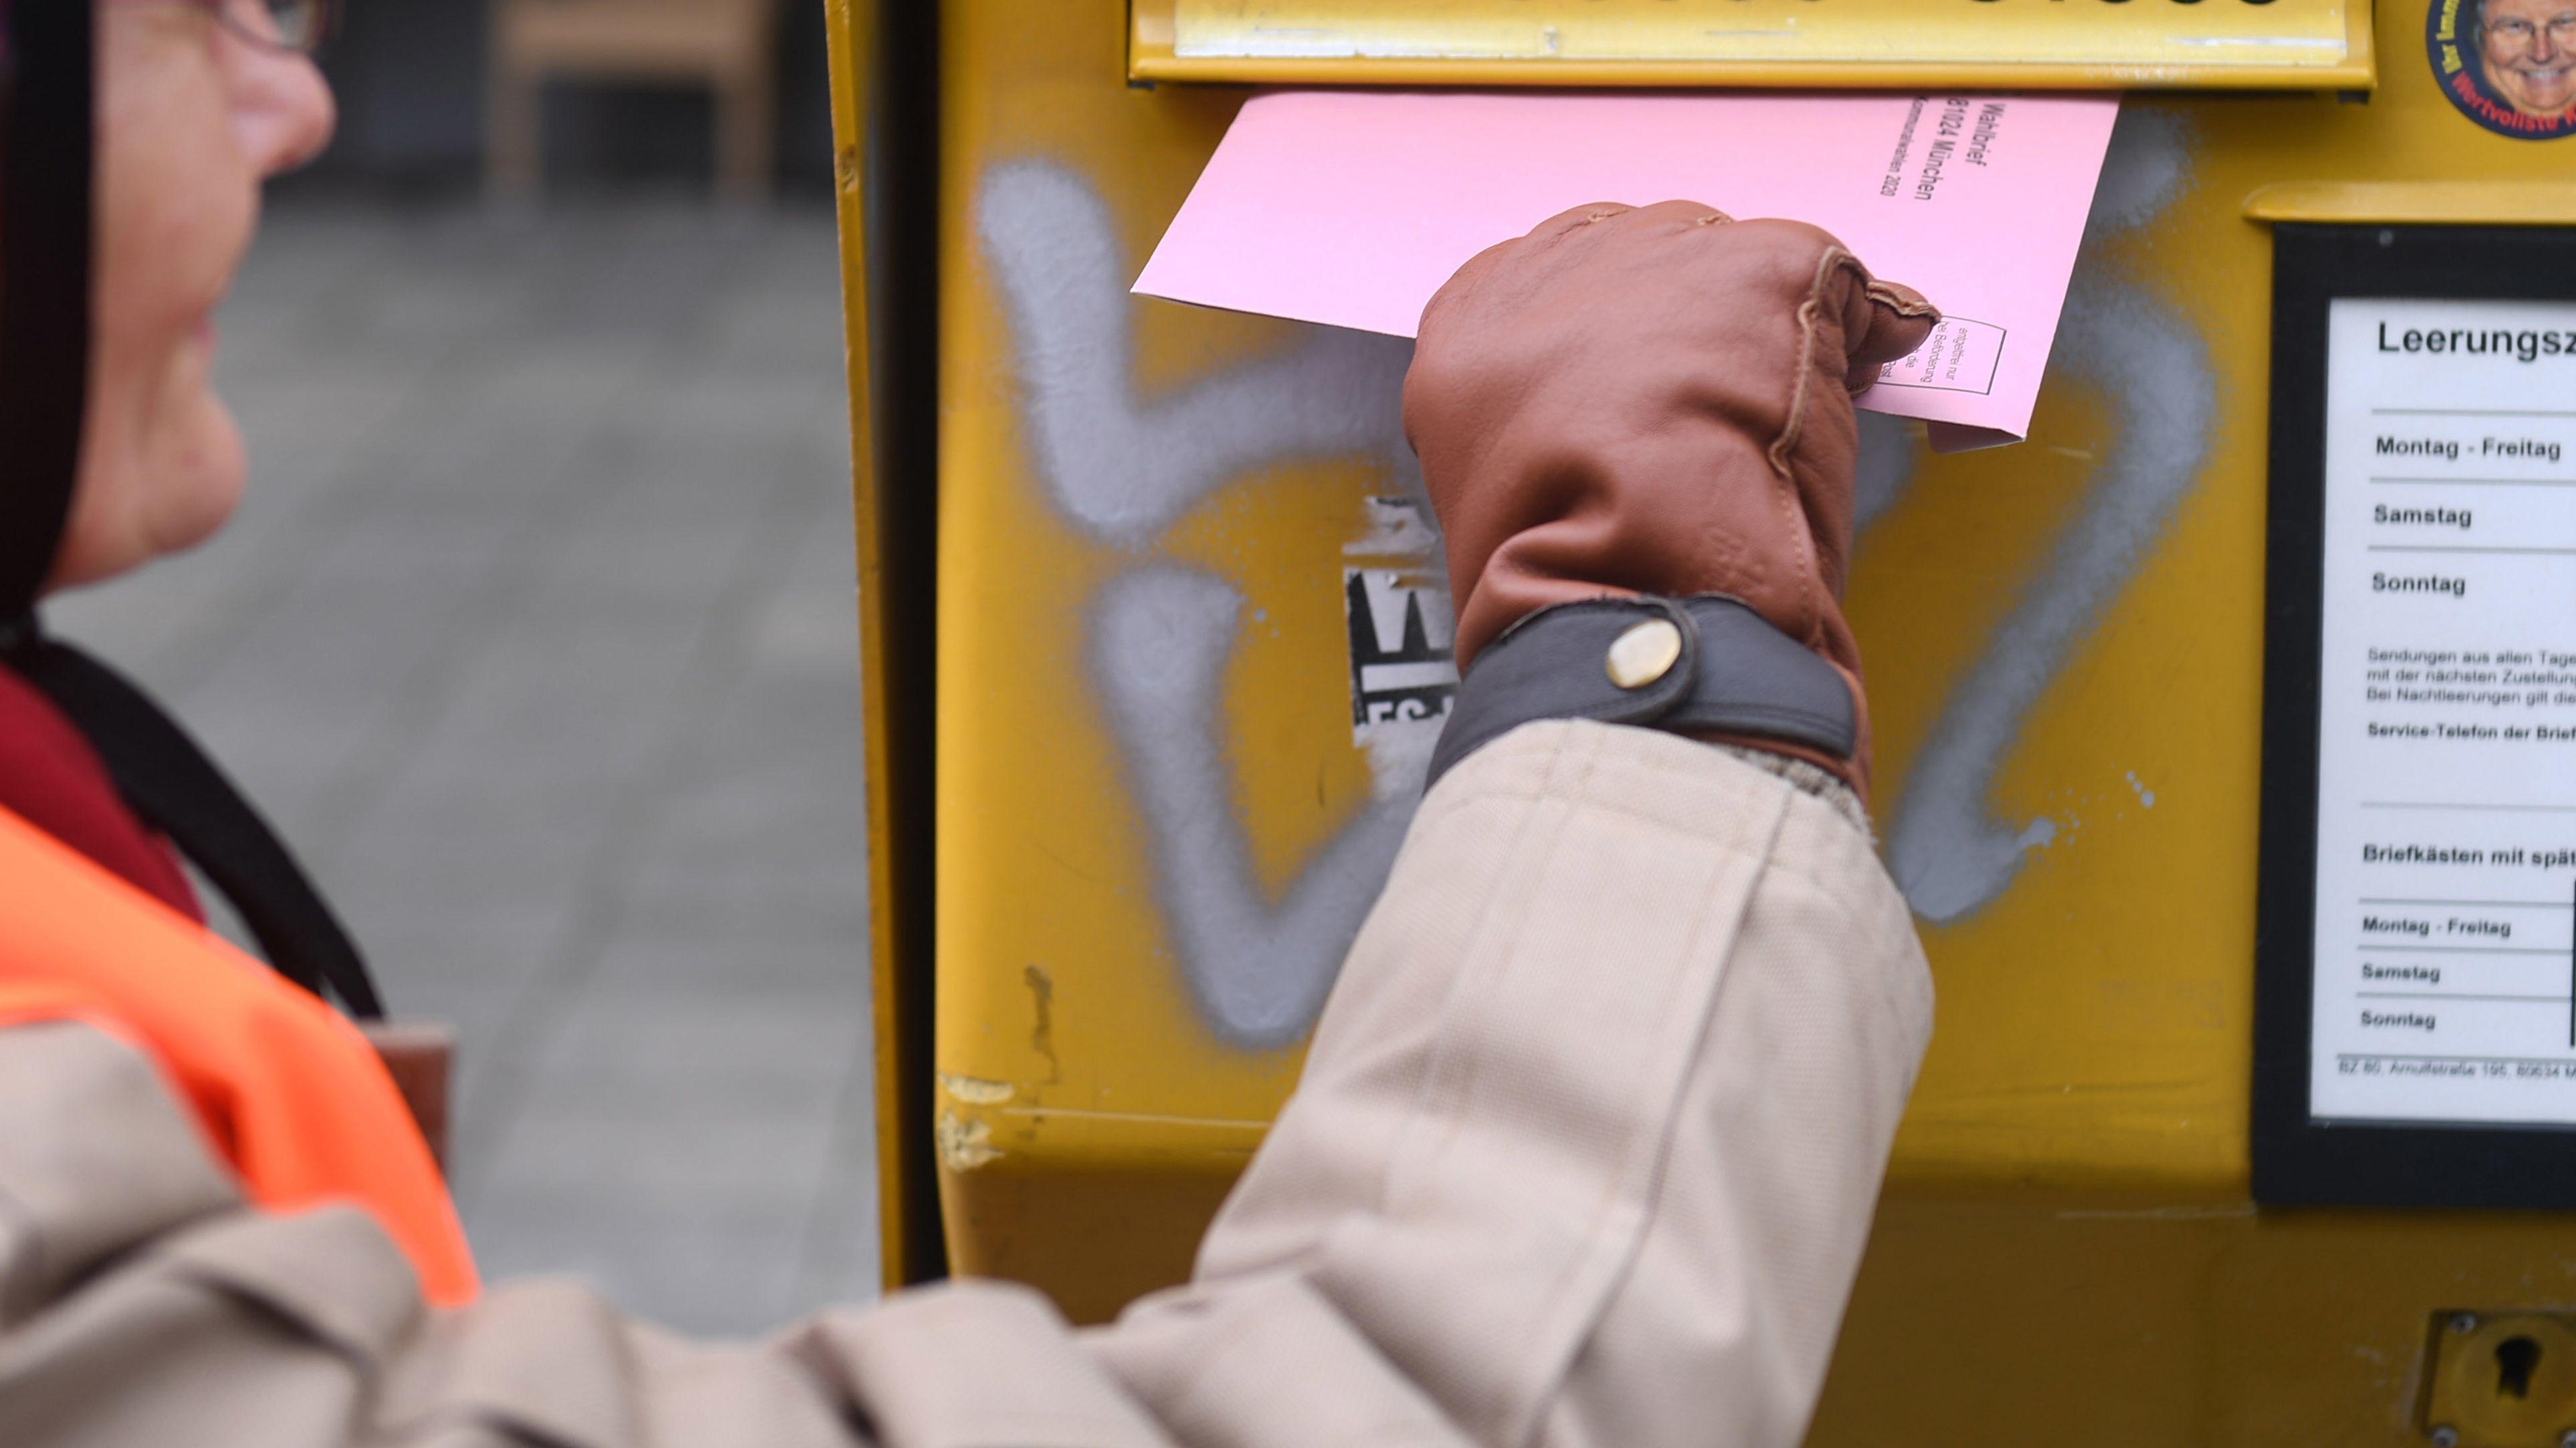 Die Deutsche Post hat sich mit dem Bayerischen Innenministerium auf eine Sonder-Leerung zur Kommunalwahl geeinigt.